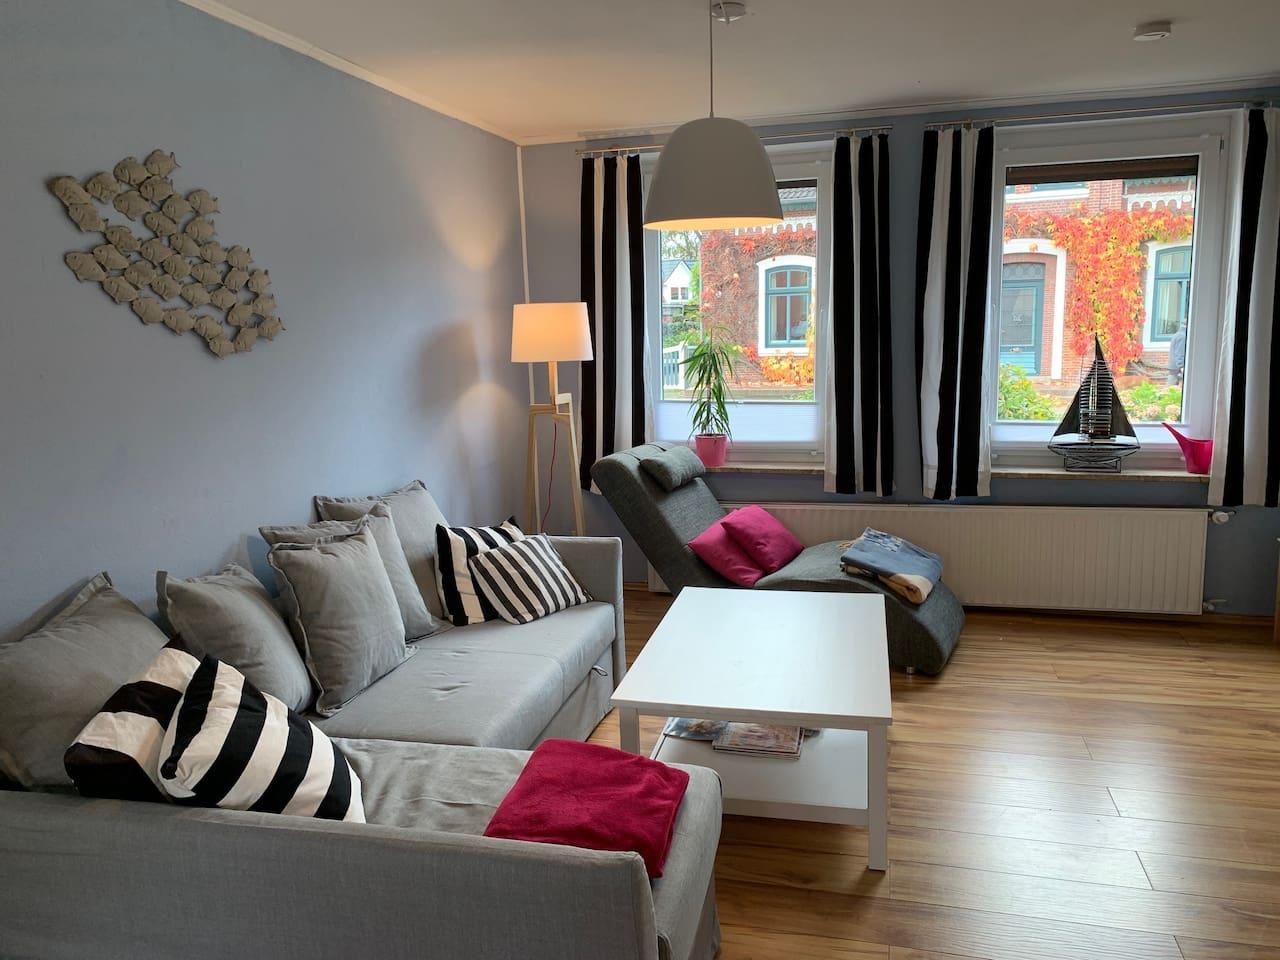 Gemütliches Wohnzimmer mit Schlafcouch und Kaminofen